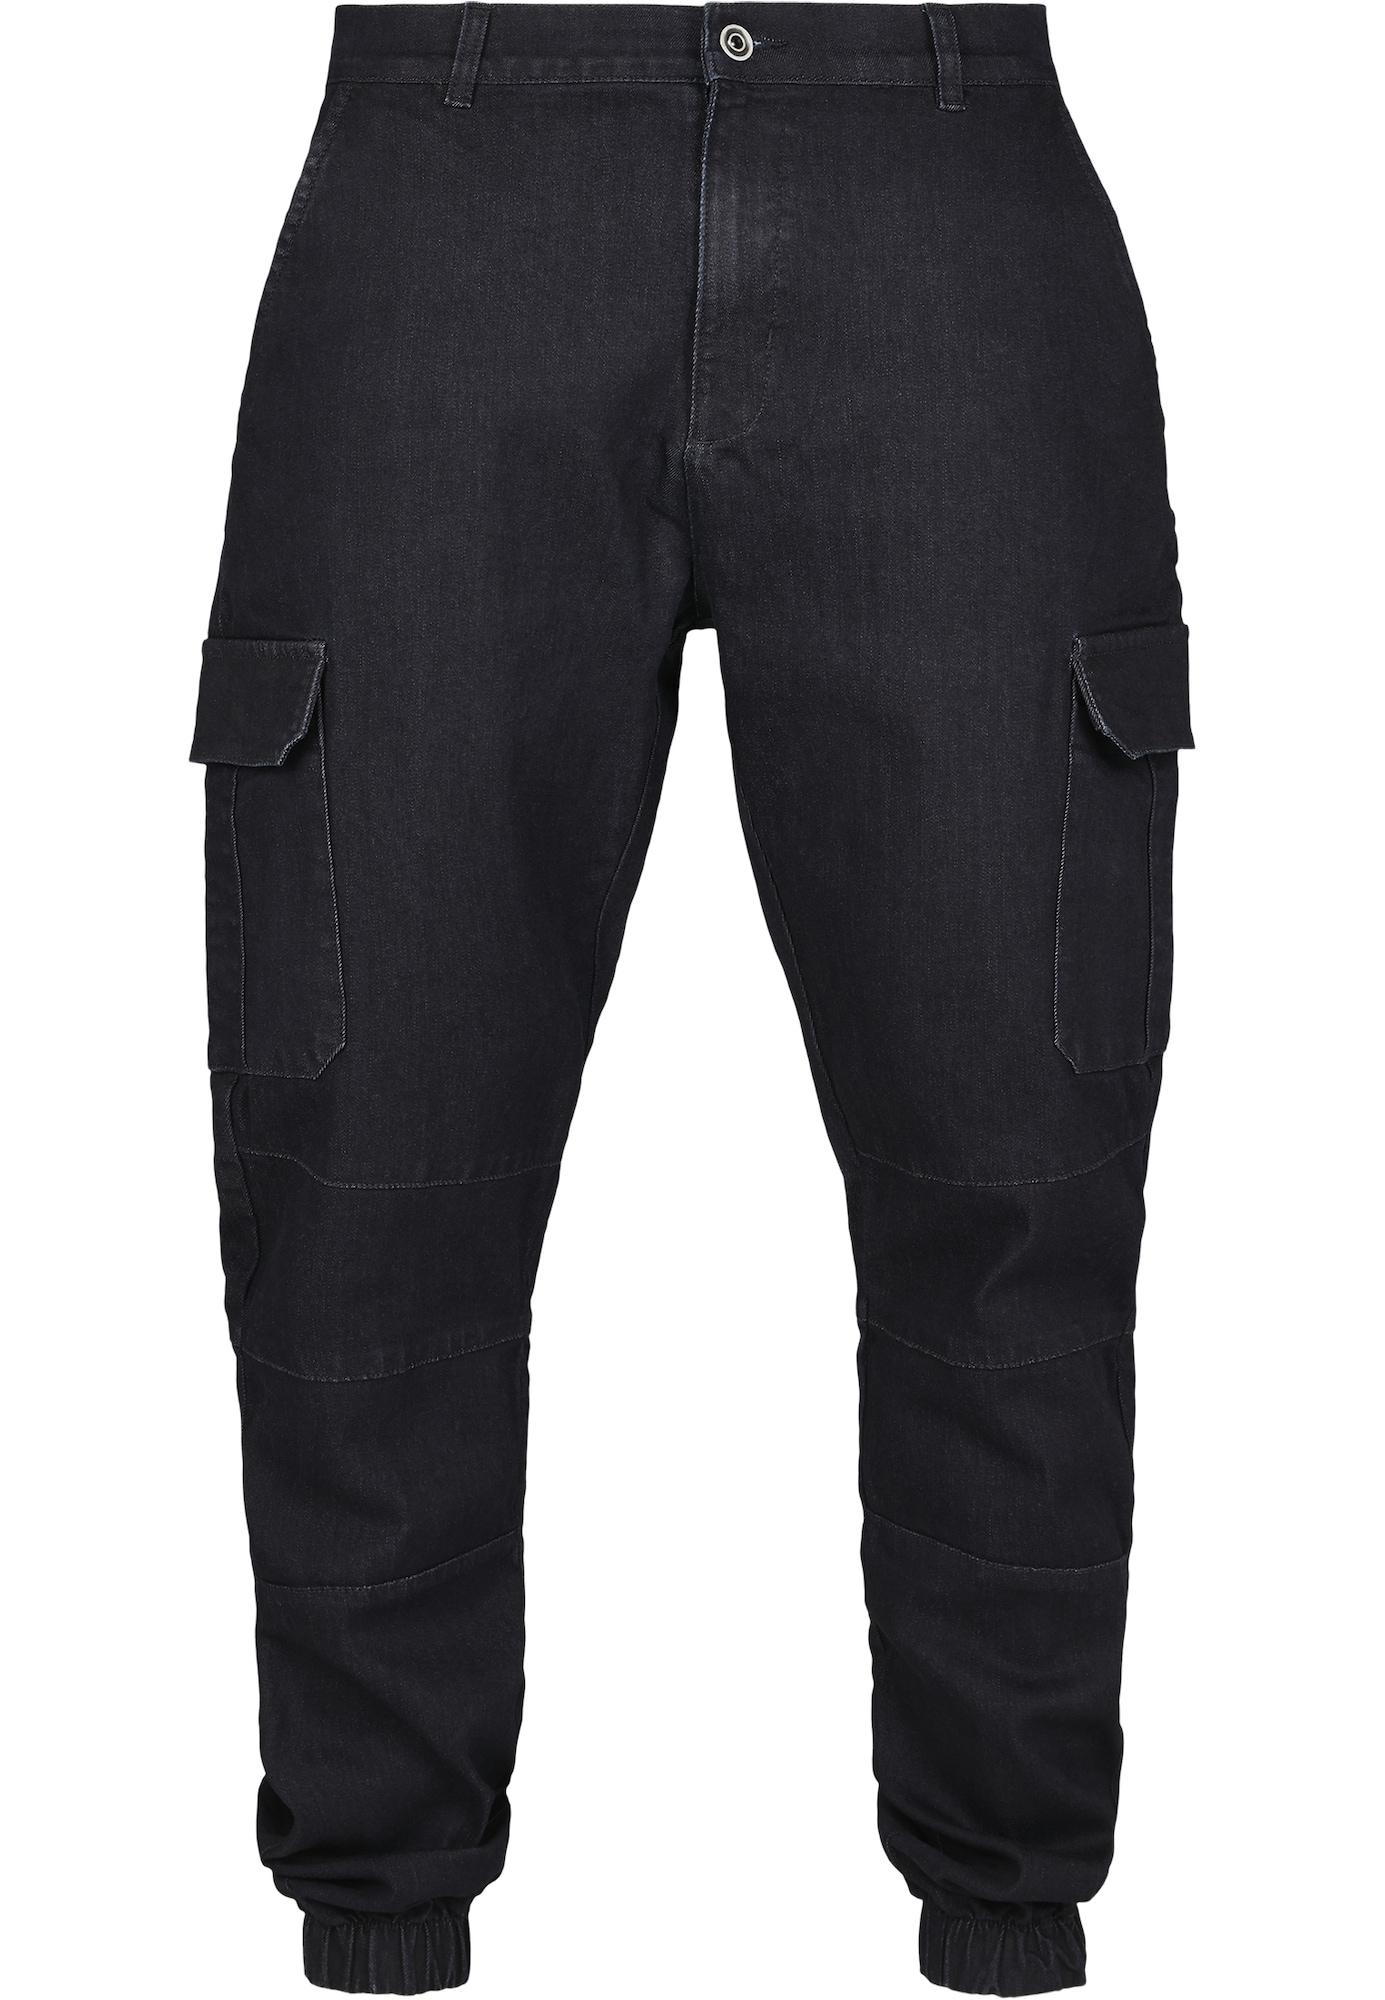 Urban Classics Darbinio stiliaus džinsai juodo džinso spalva